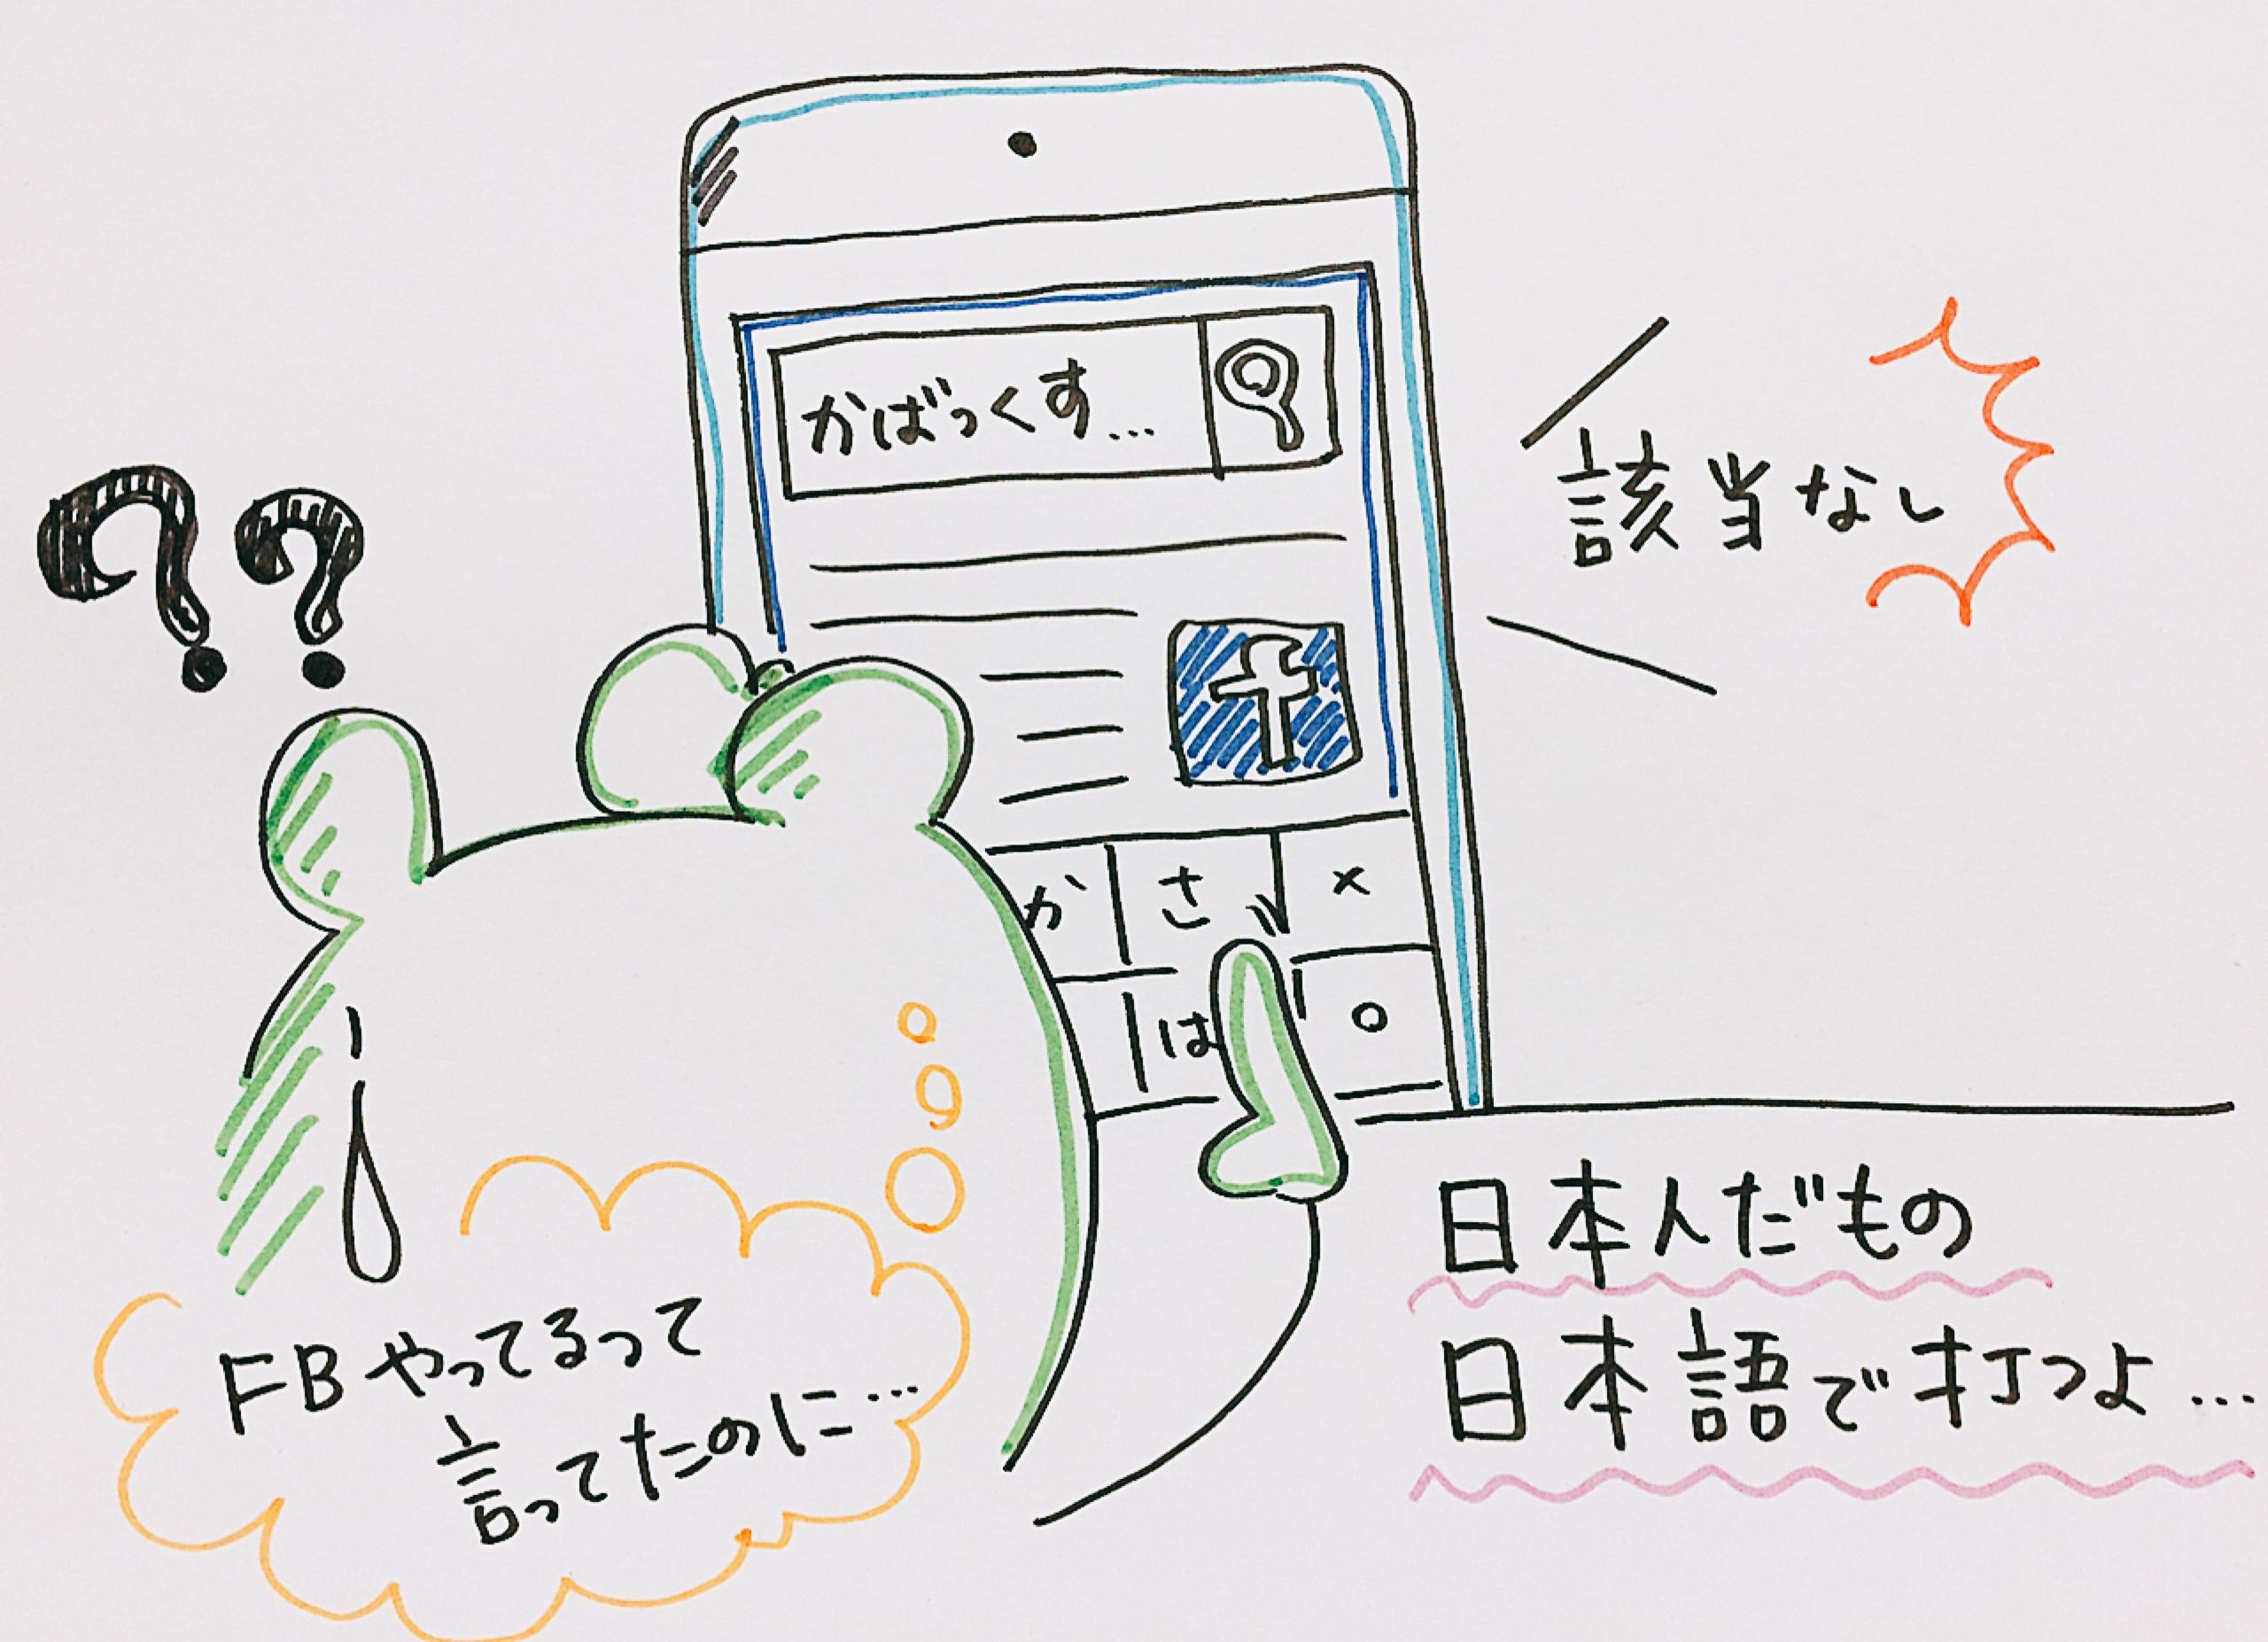 フェイスブックページのタイトルには日本語も入れよう